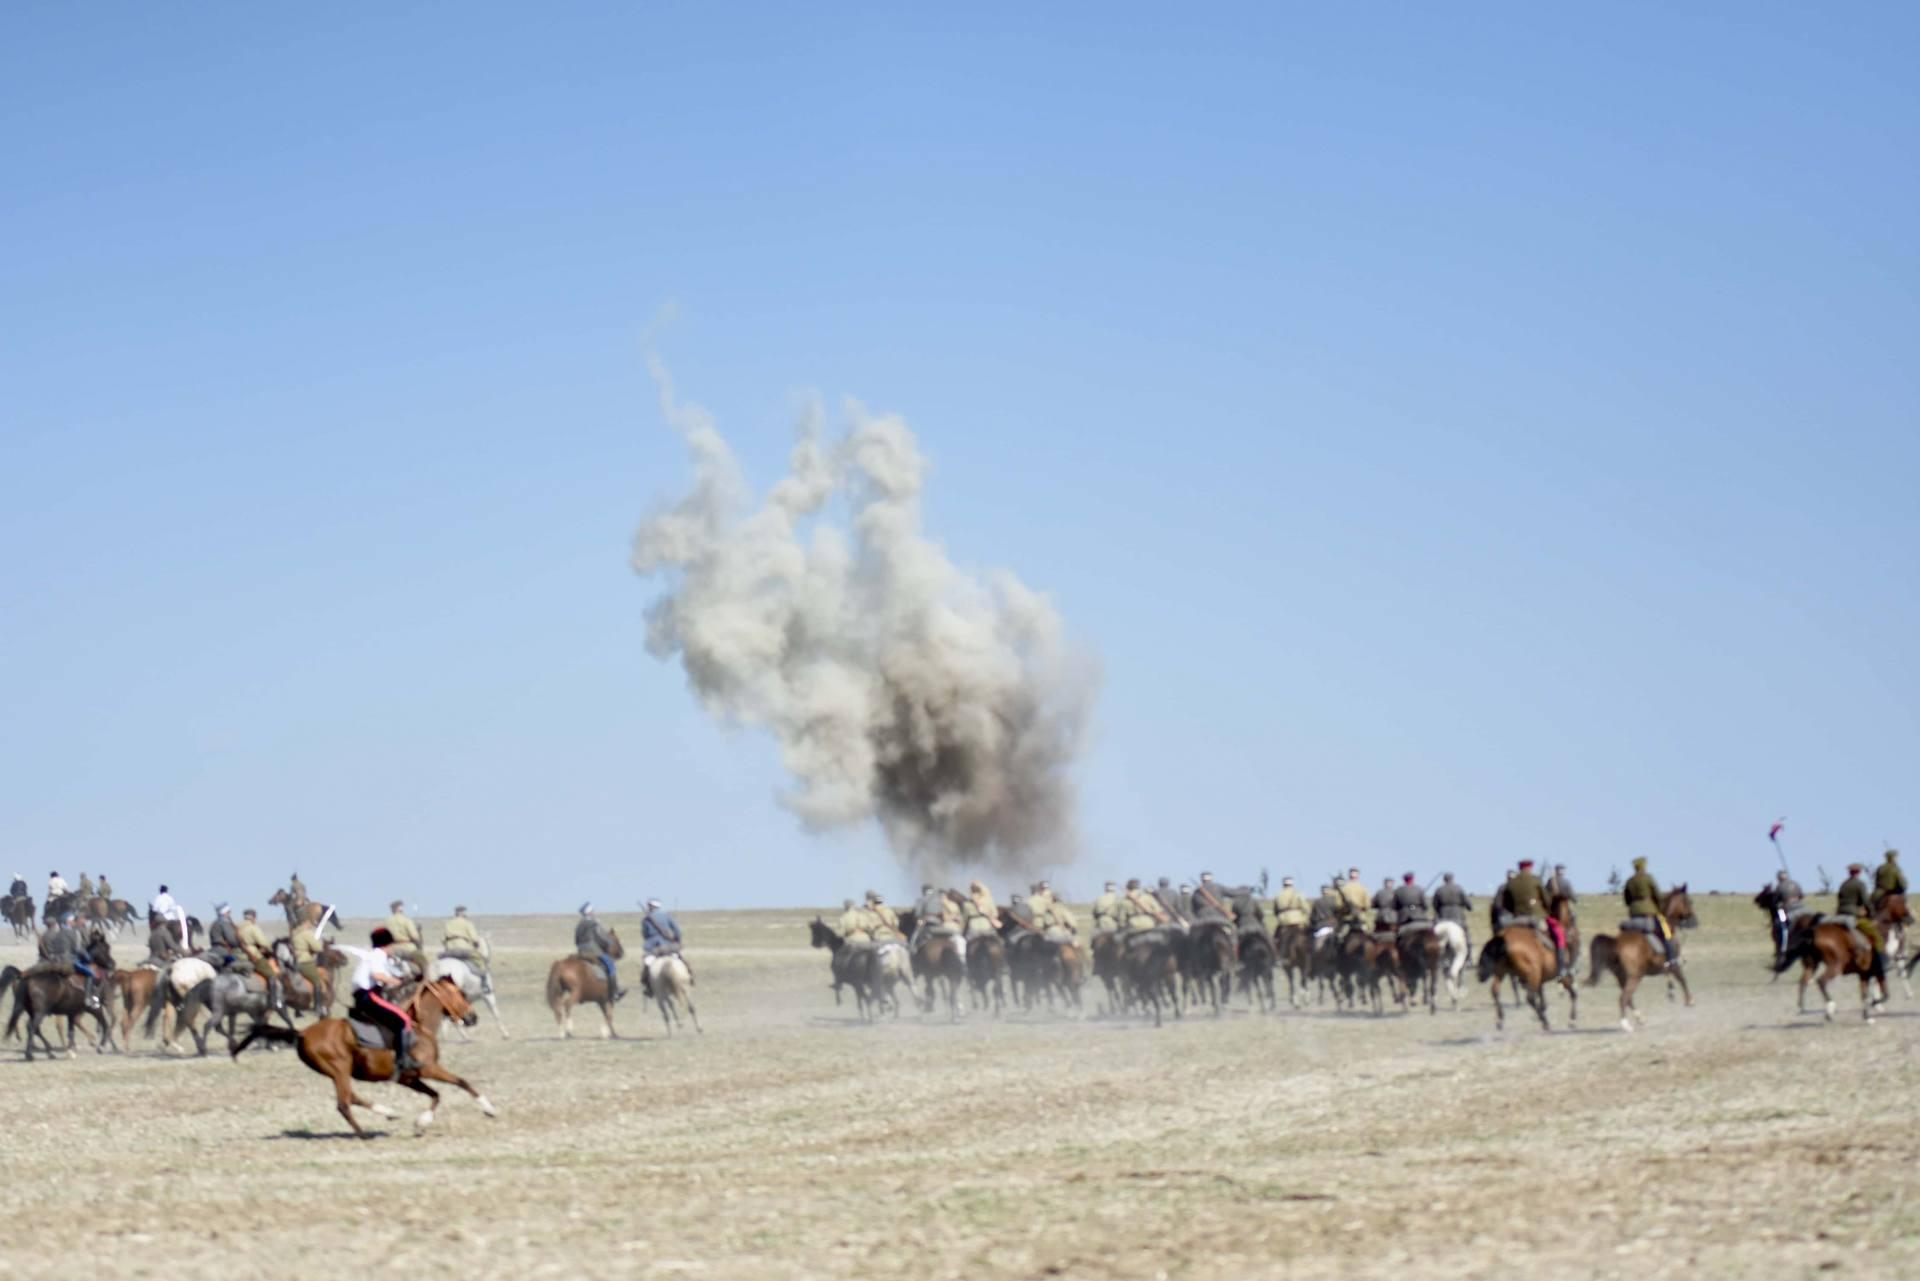 dsc 0981 Czas szabli - 100 rocznica bitwy pod Komarowem(zdjęcia)